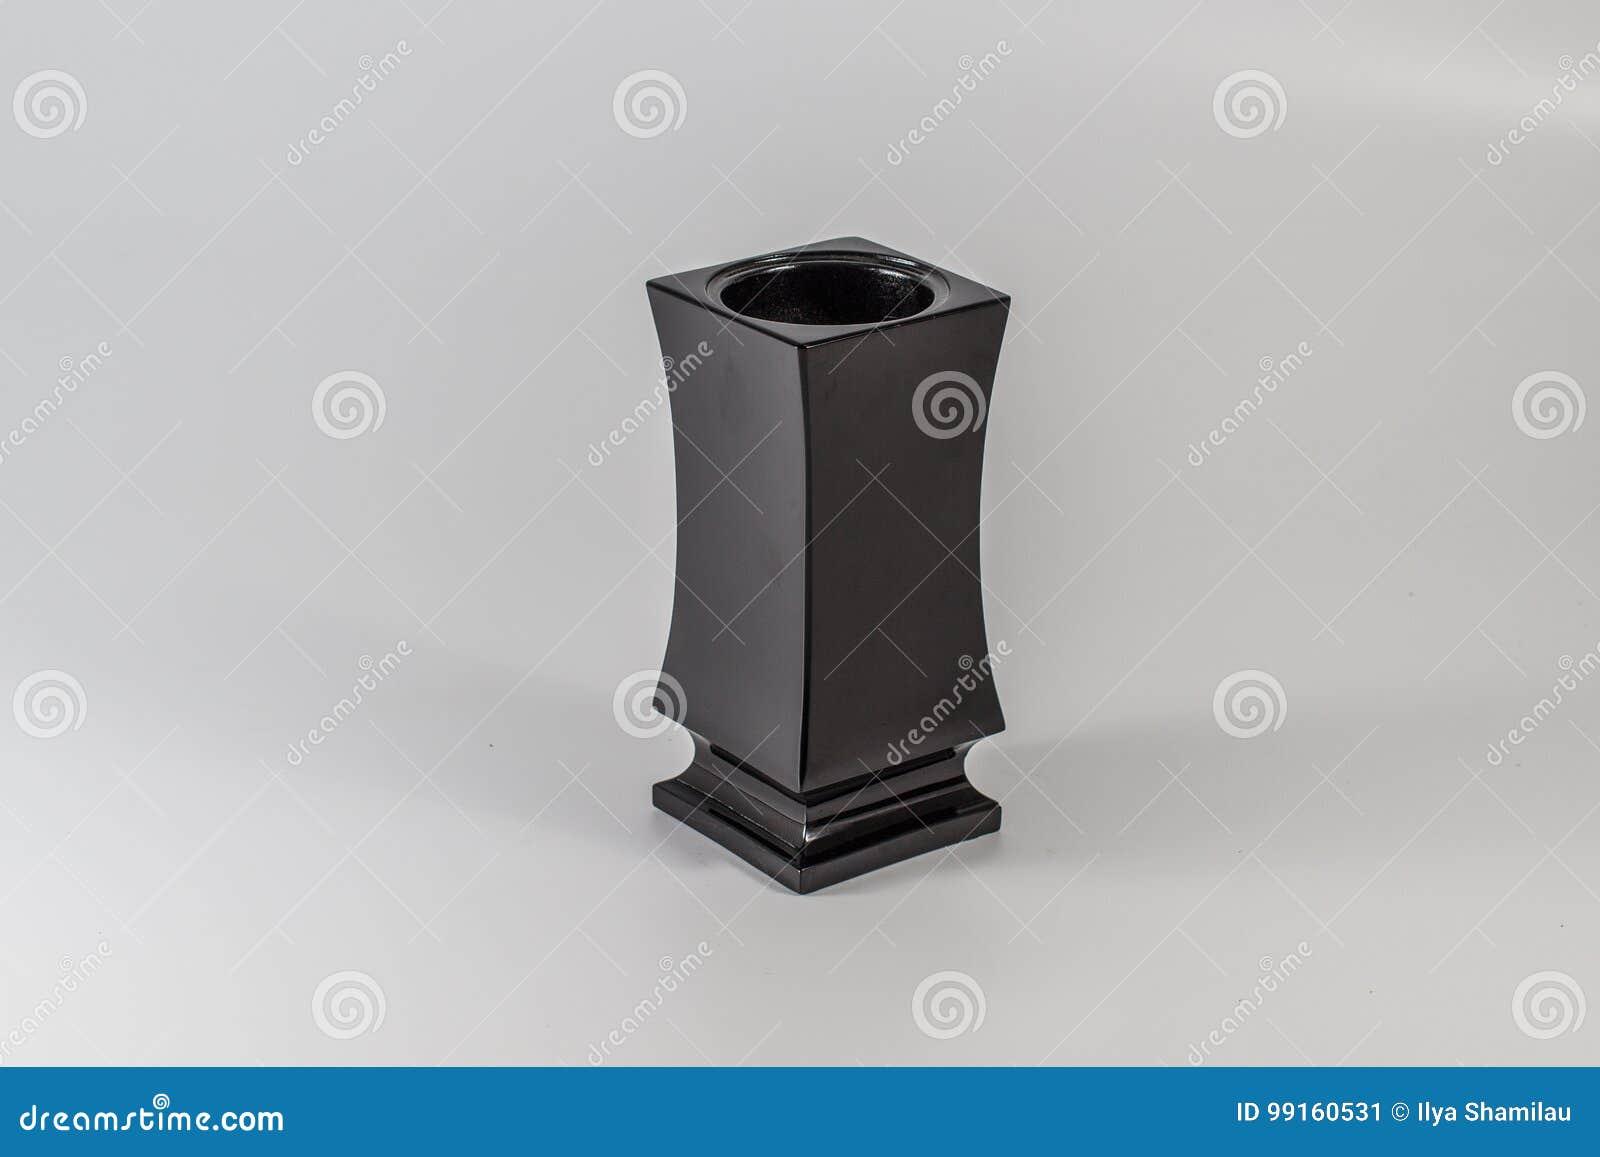 Grave flower vase made of stone & Grave Flower Vase Made Of Stone Stock Image - Image of buried ...